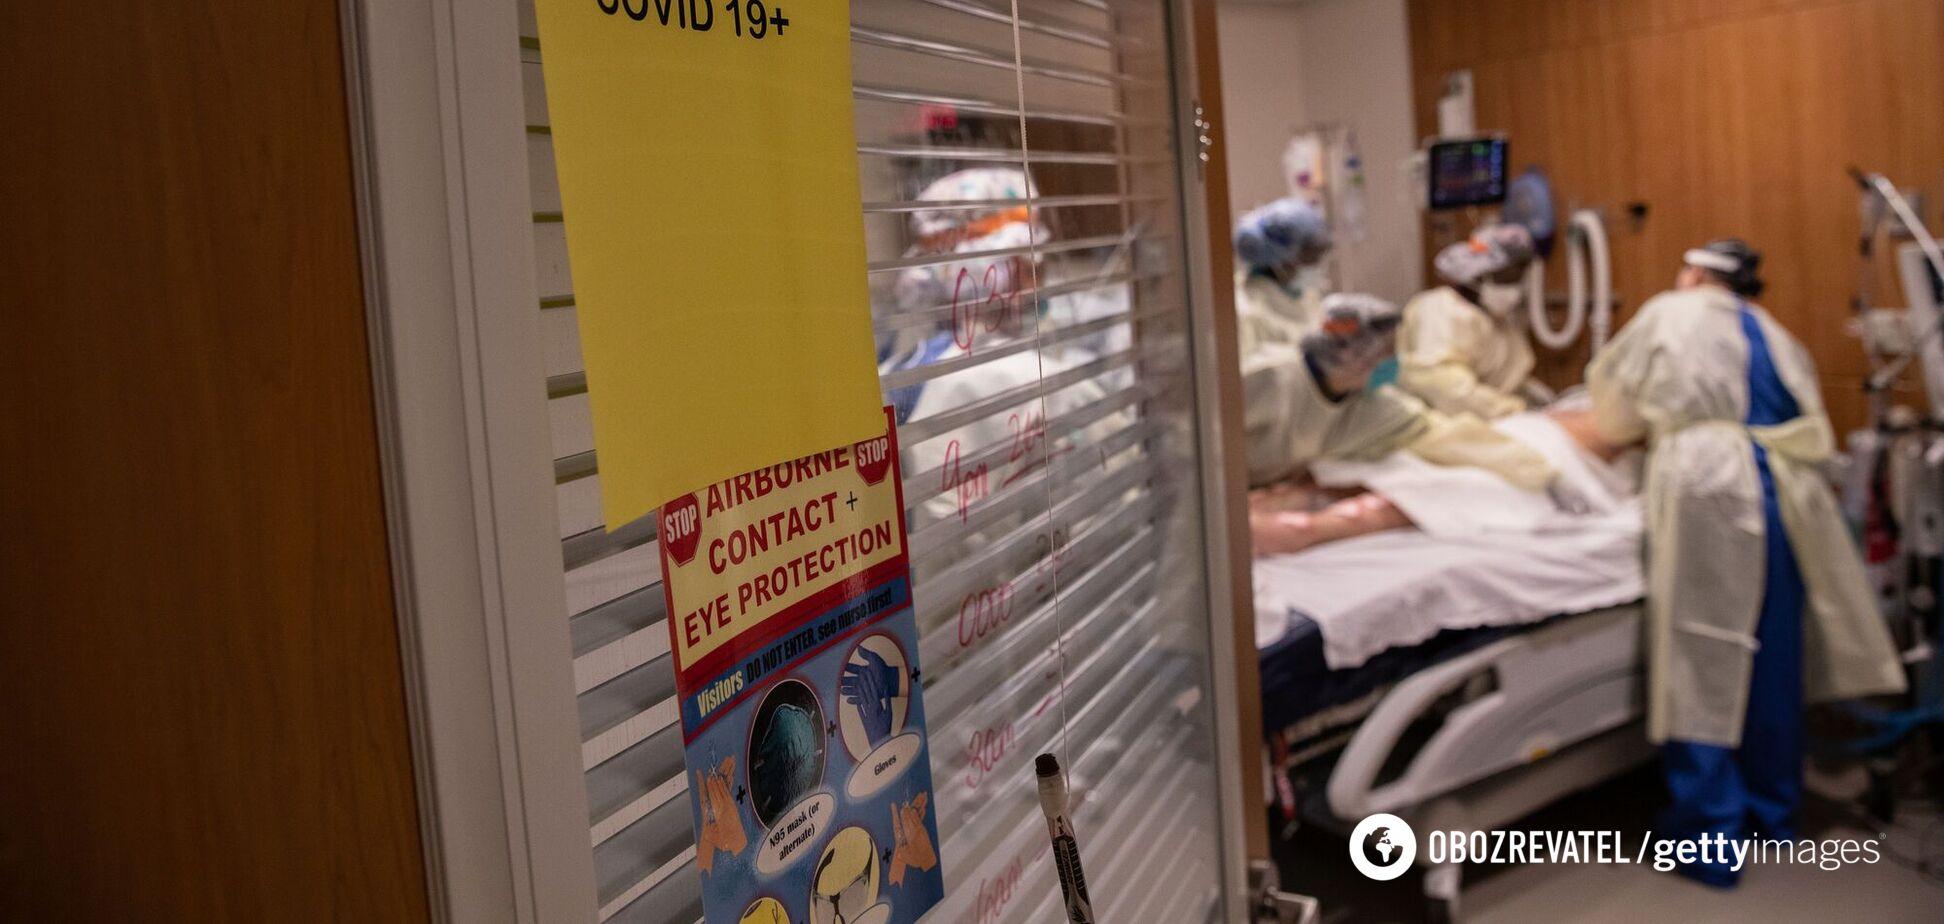 Хроніка коронавірусу на 15 березня: COVID-19 у світі заразилося понад 120 млн осіб